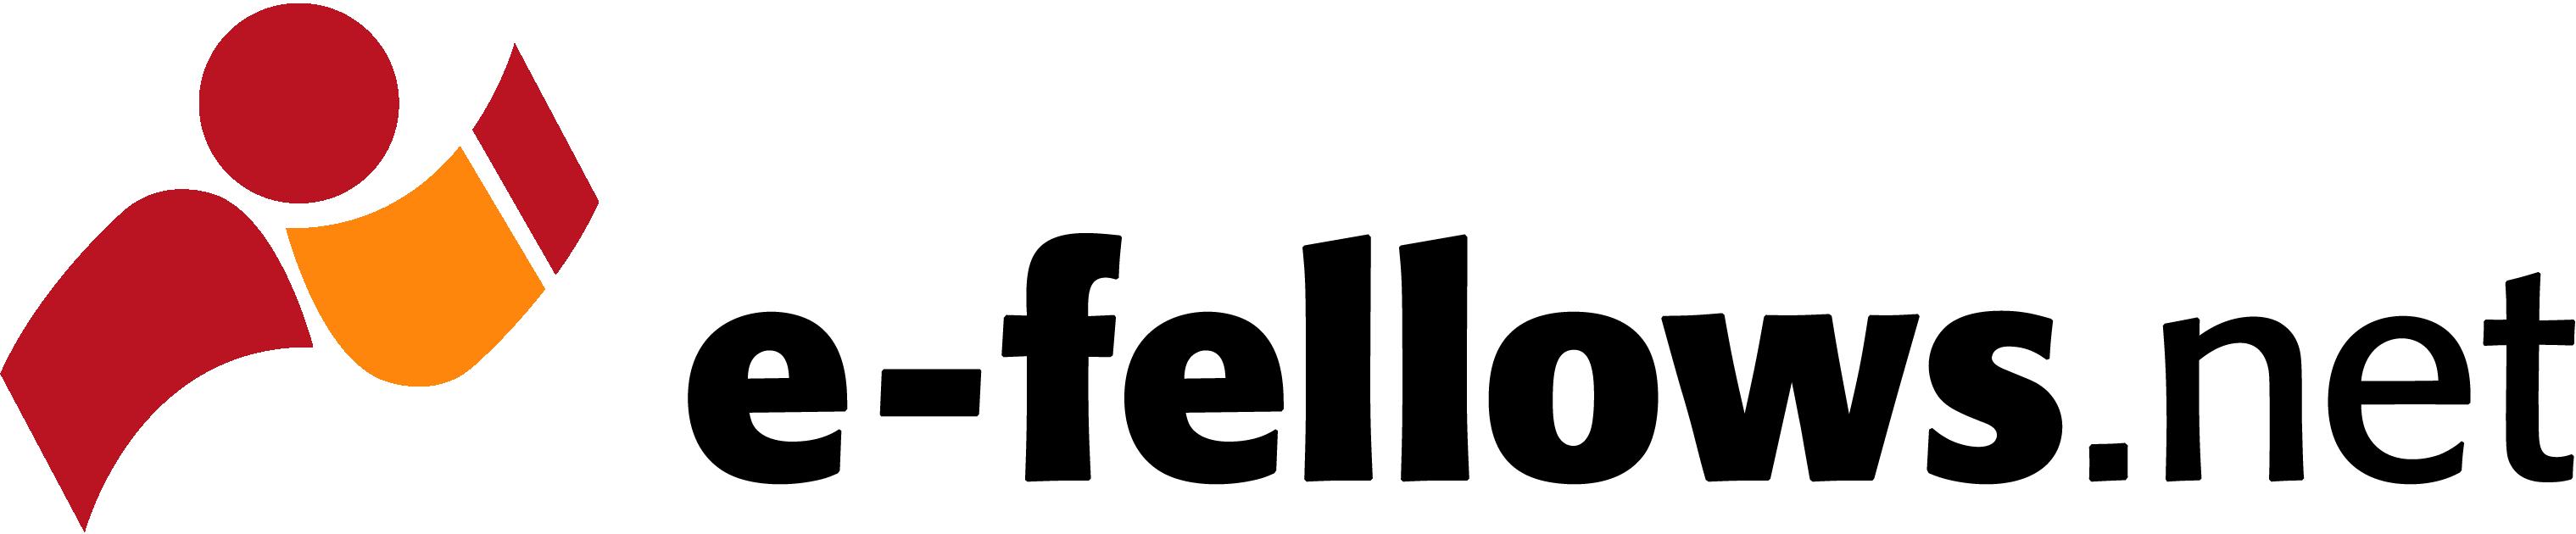 Werkstudent Online Redaktion / Content (m/w/d) - e-fellows.net GmbH & Co. KG e-fellows.net GmbH & Co. KG - Logo